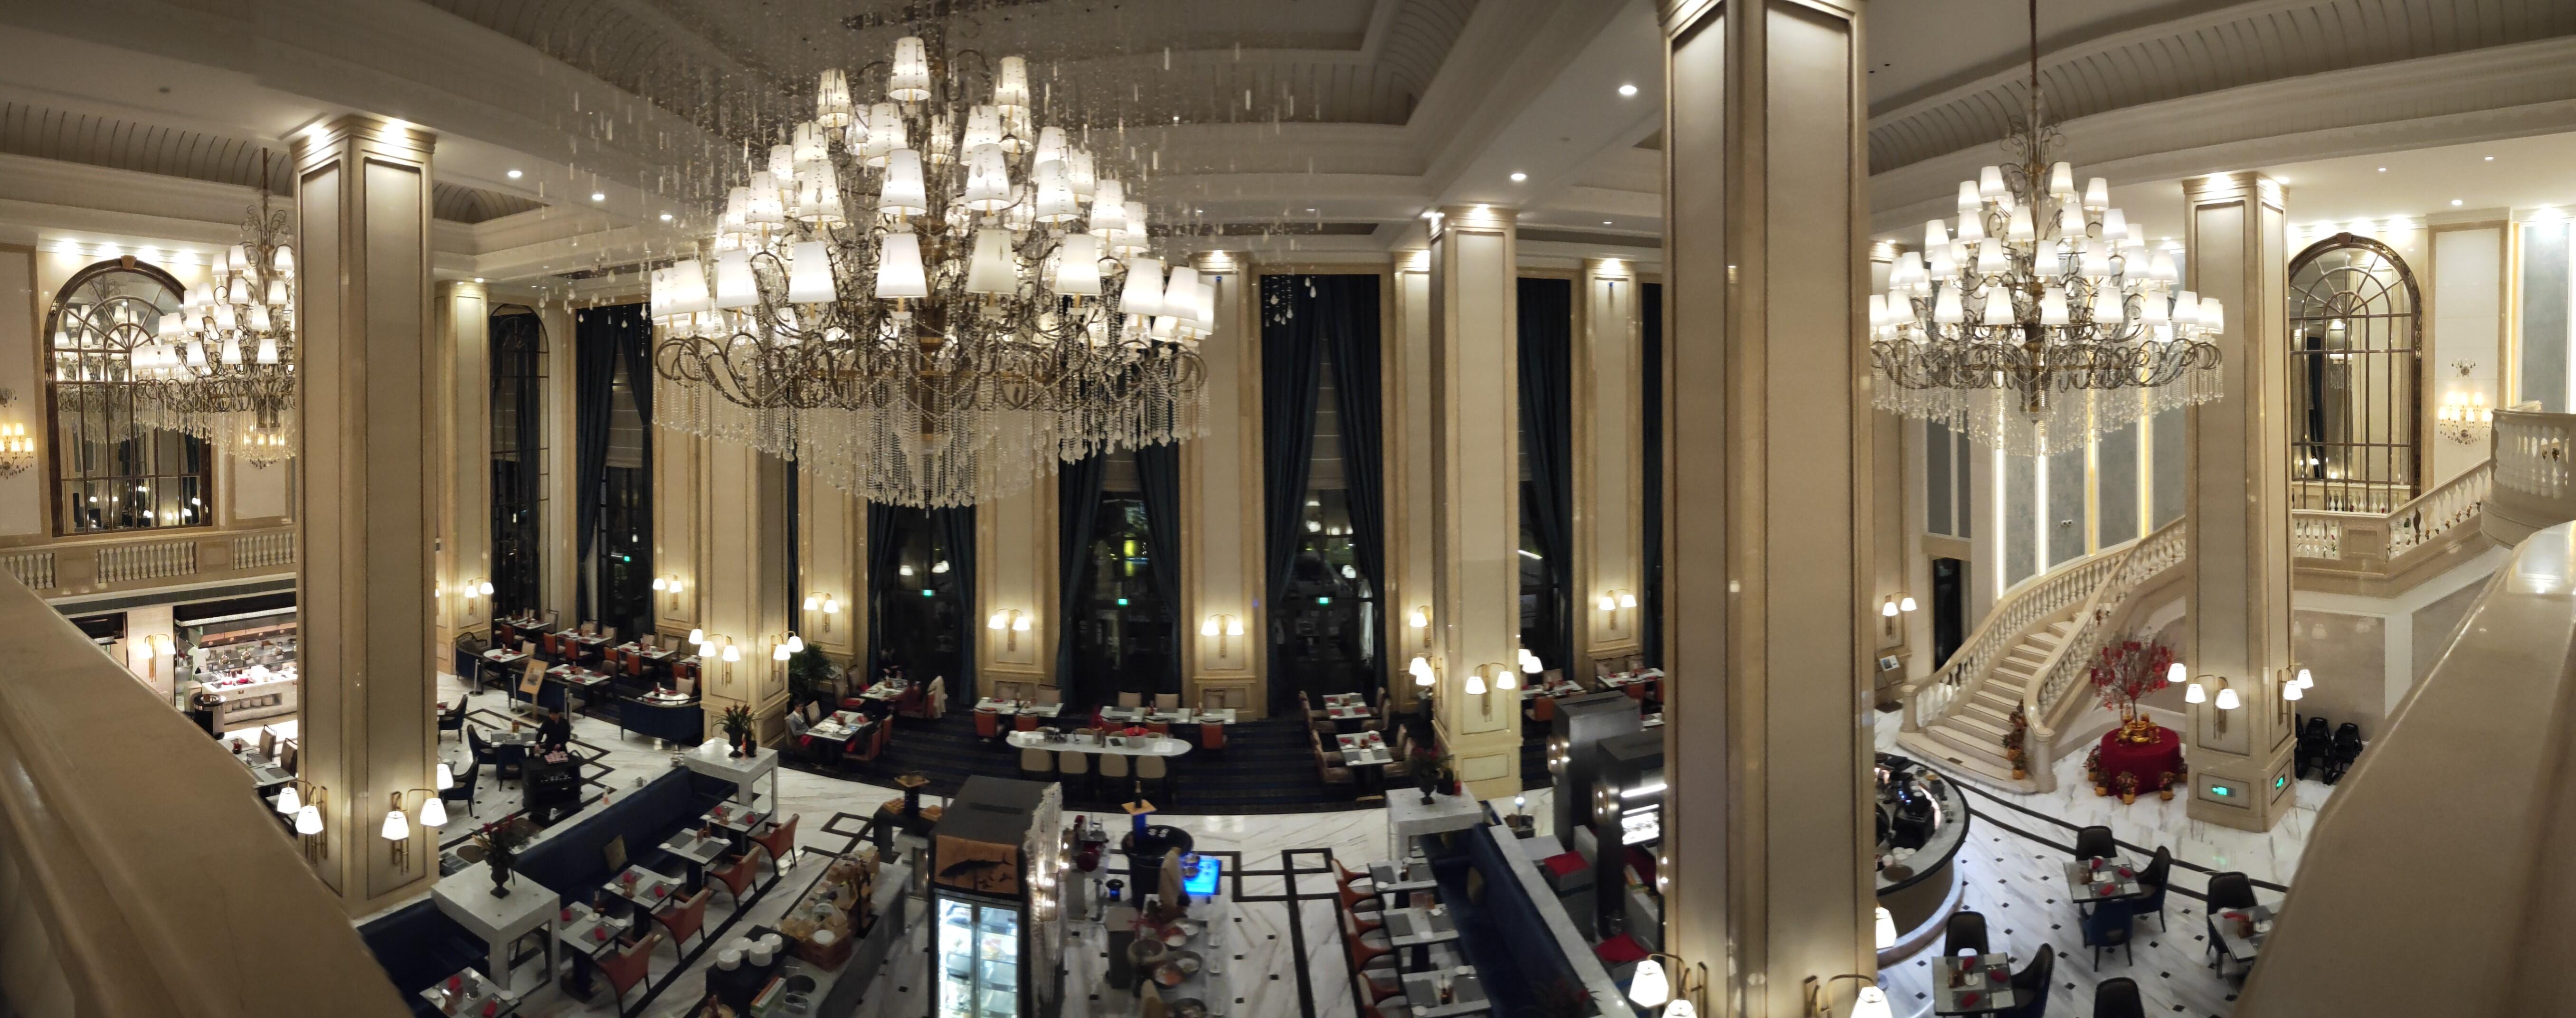 上海住宿經驗分享:上海虹橋新華聯索菲特大酒店   常旅客